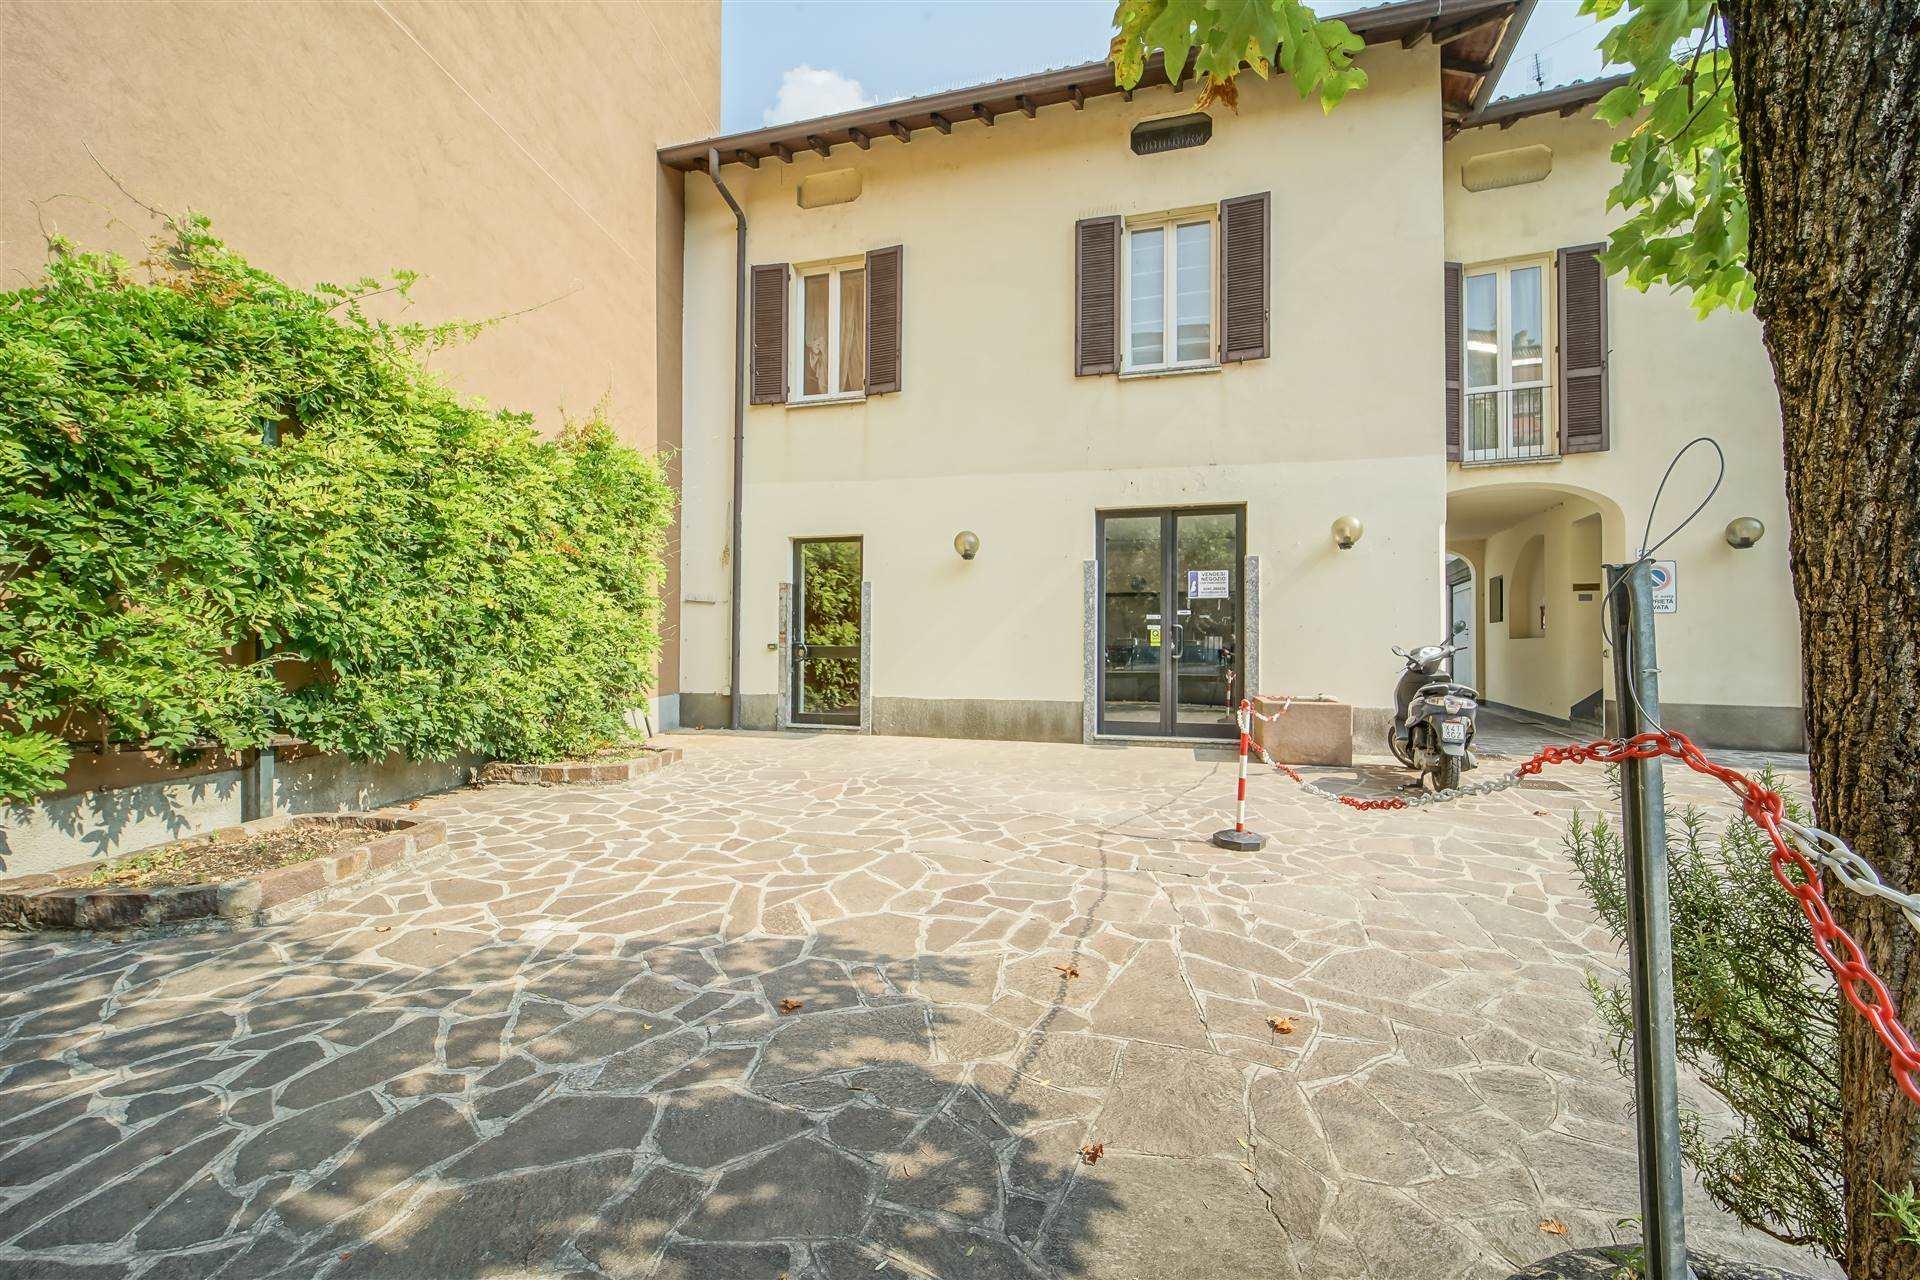 Negozio / Locale in vendita a Lecco, 4 locali, zona Zona: Centro, prezzo € 250.000 | CambioCasa.it